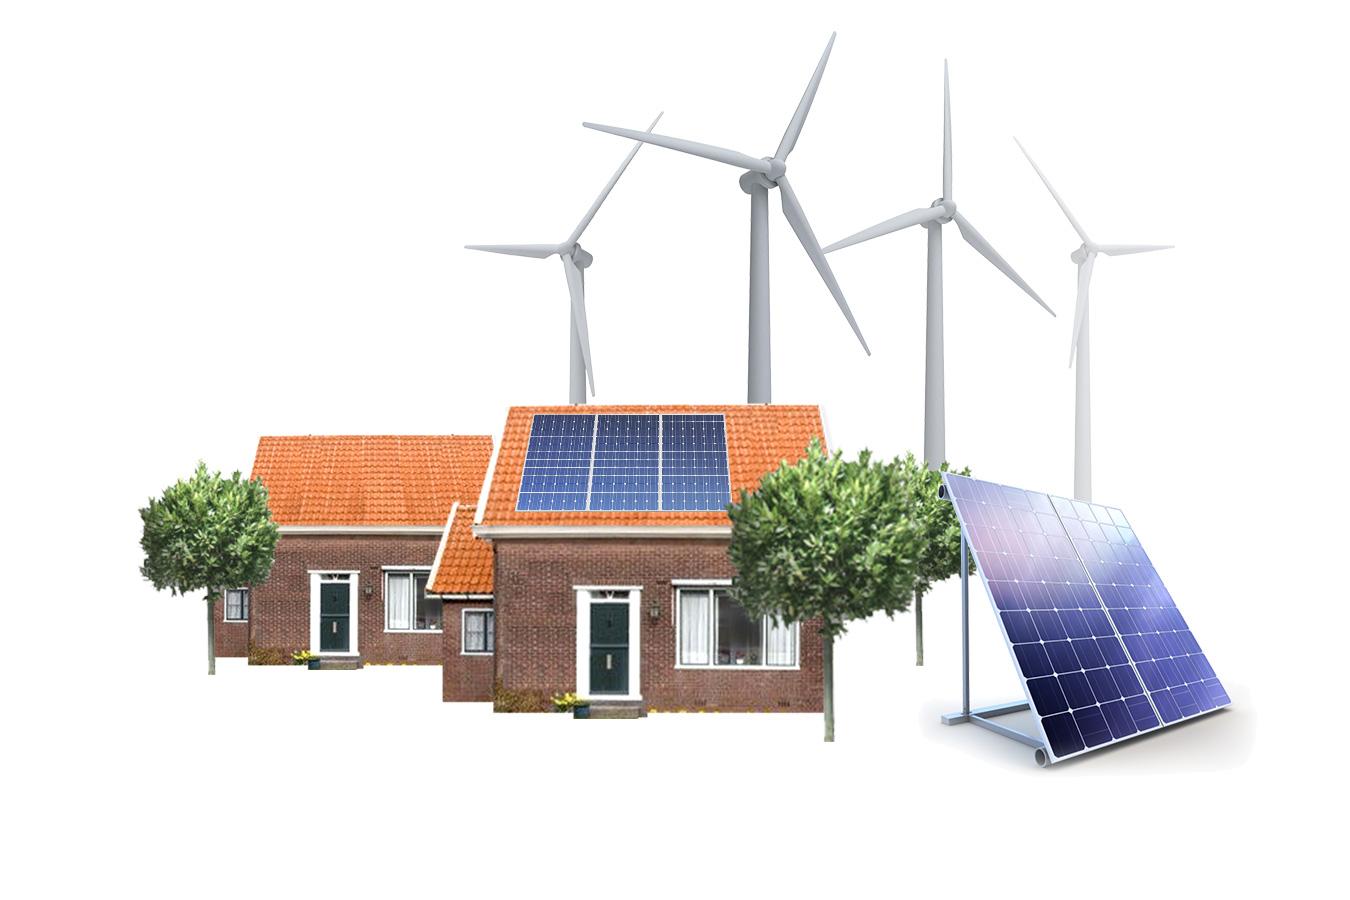 Gas Licht Vergelijken : Energie vergelijken? uitgebreid advies consumentenbond